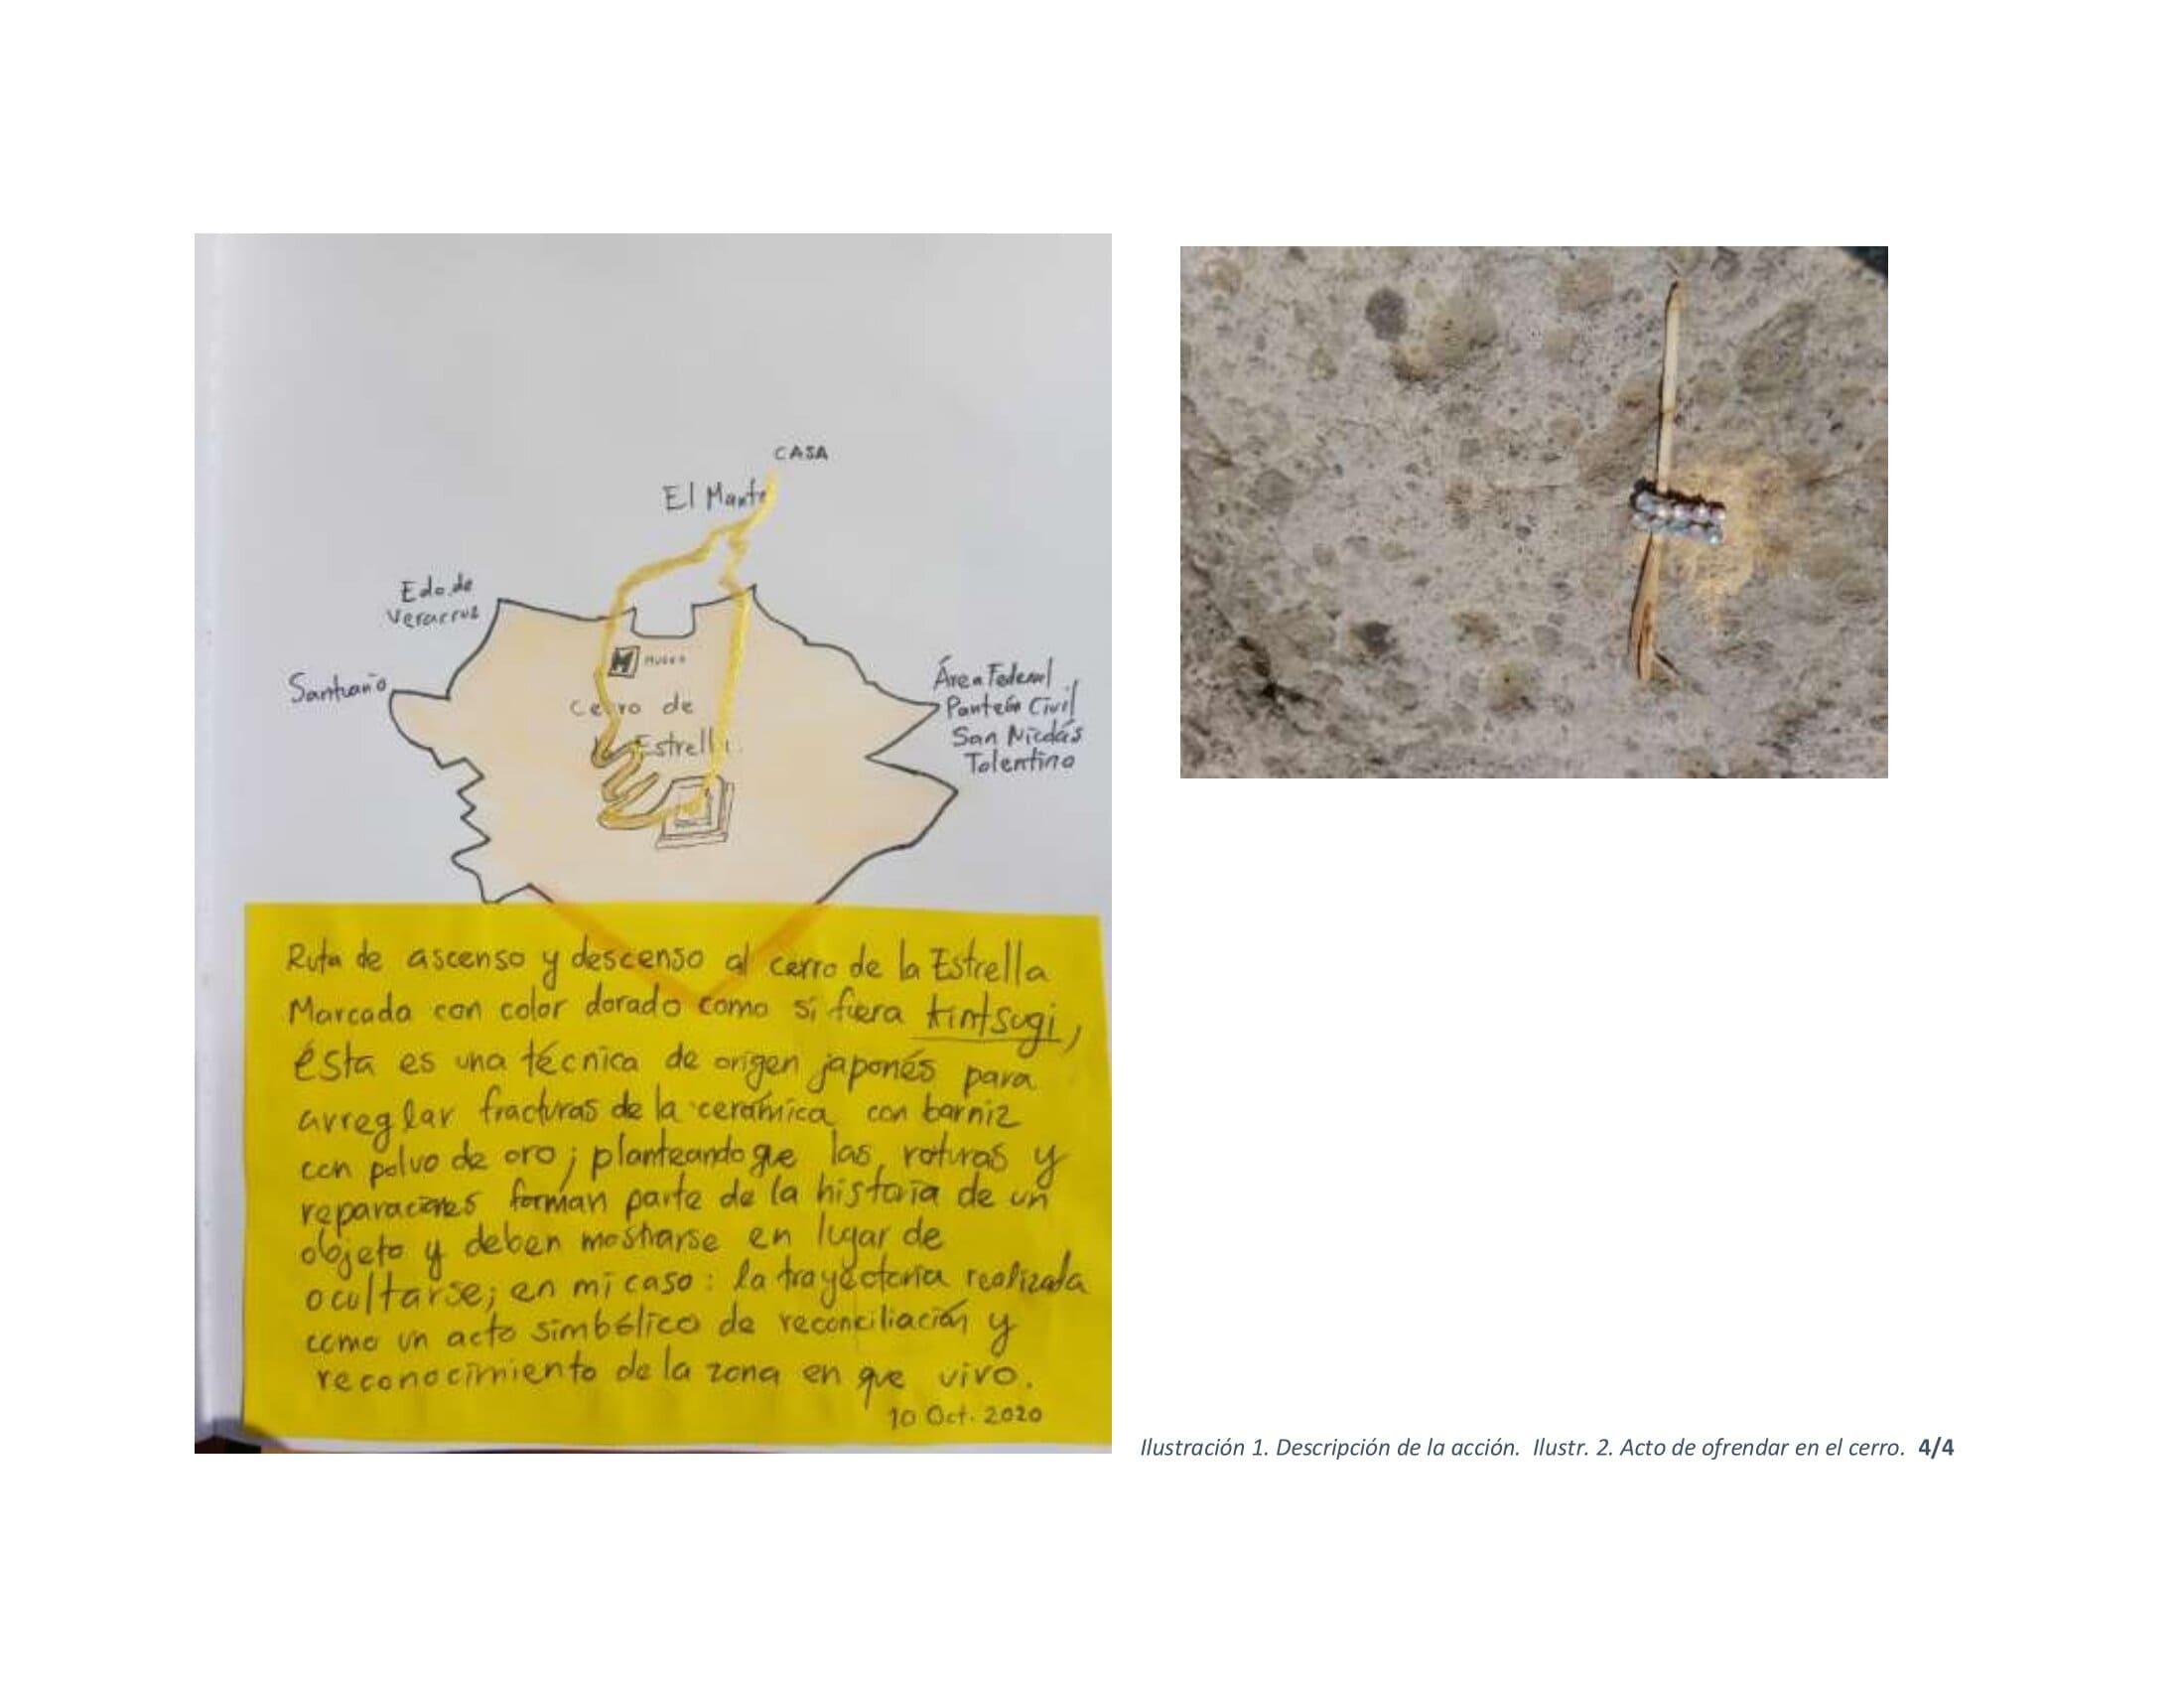 SARA-5-Cerro de la Estrella, memoria y v